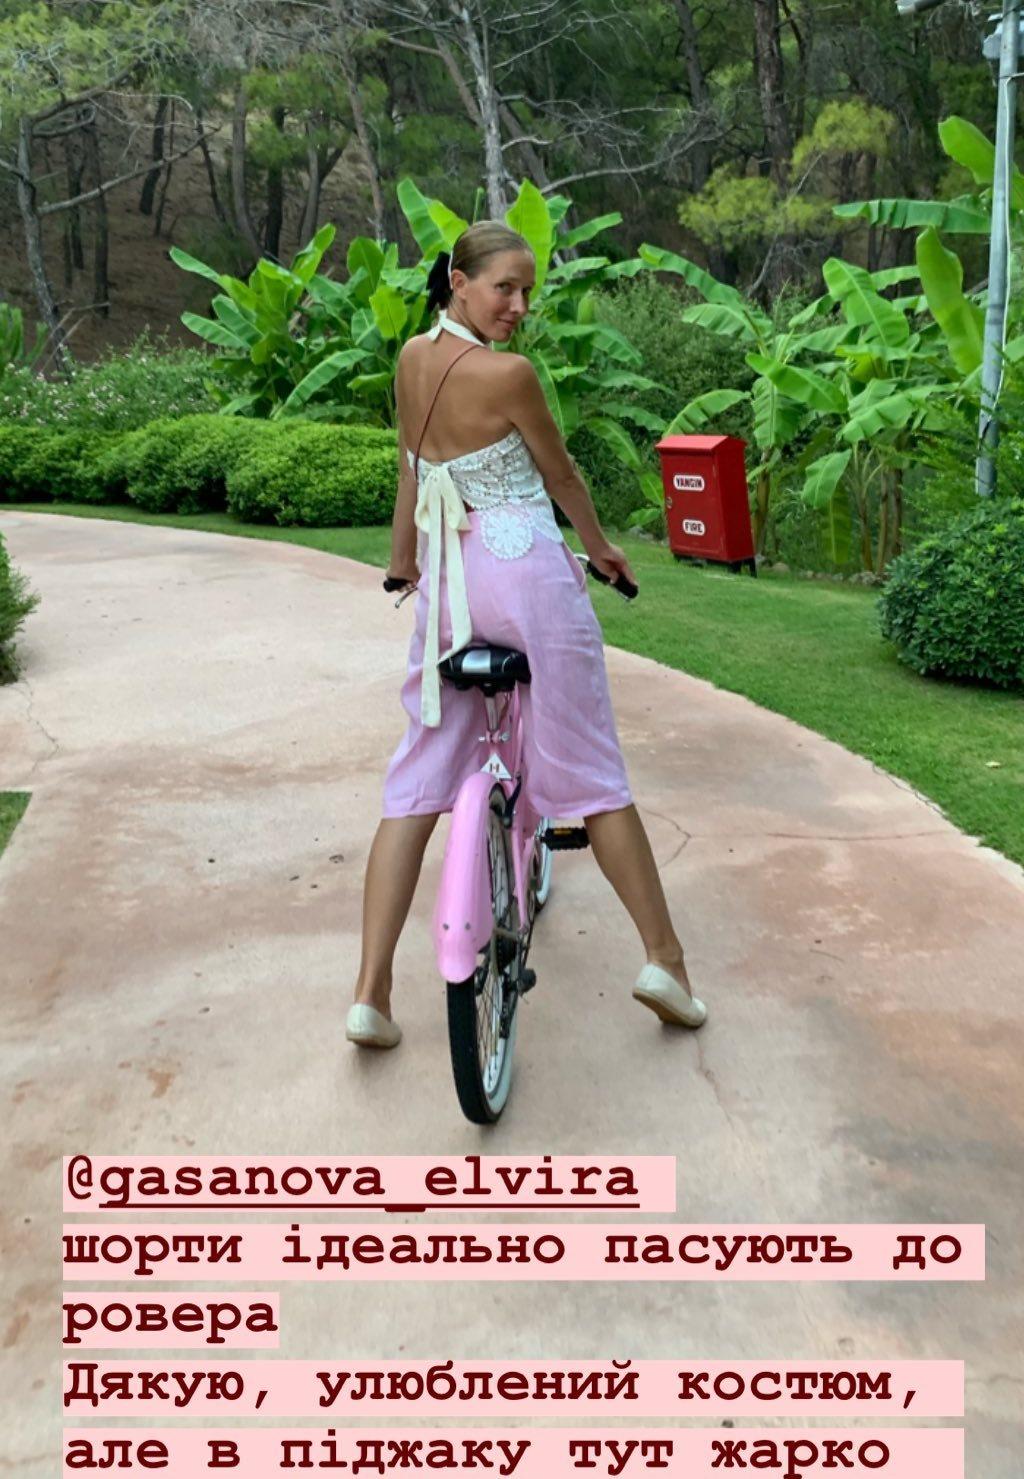 Осадчая в шортах от Elvira Gasanova и топе POUSTOVIT